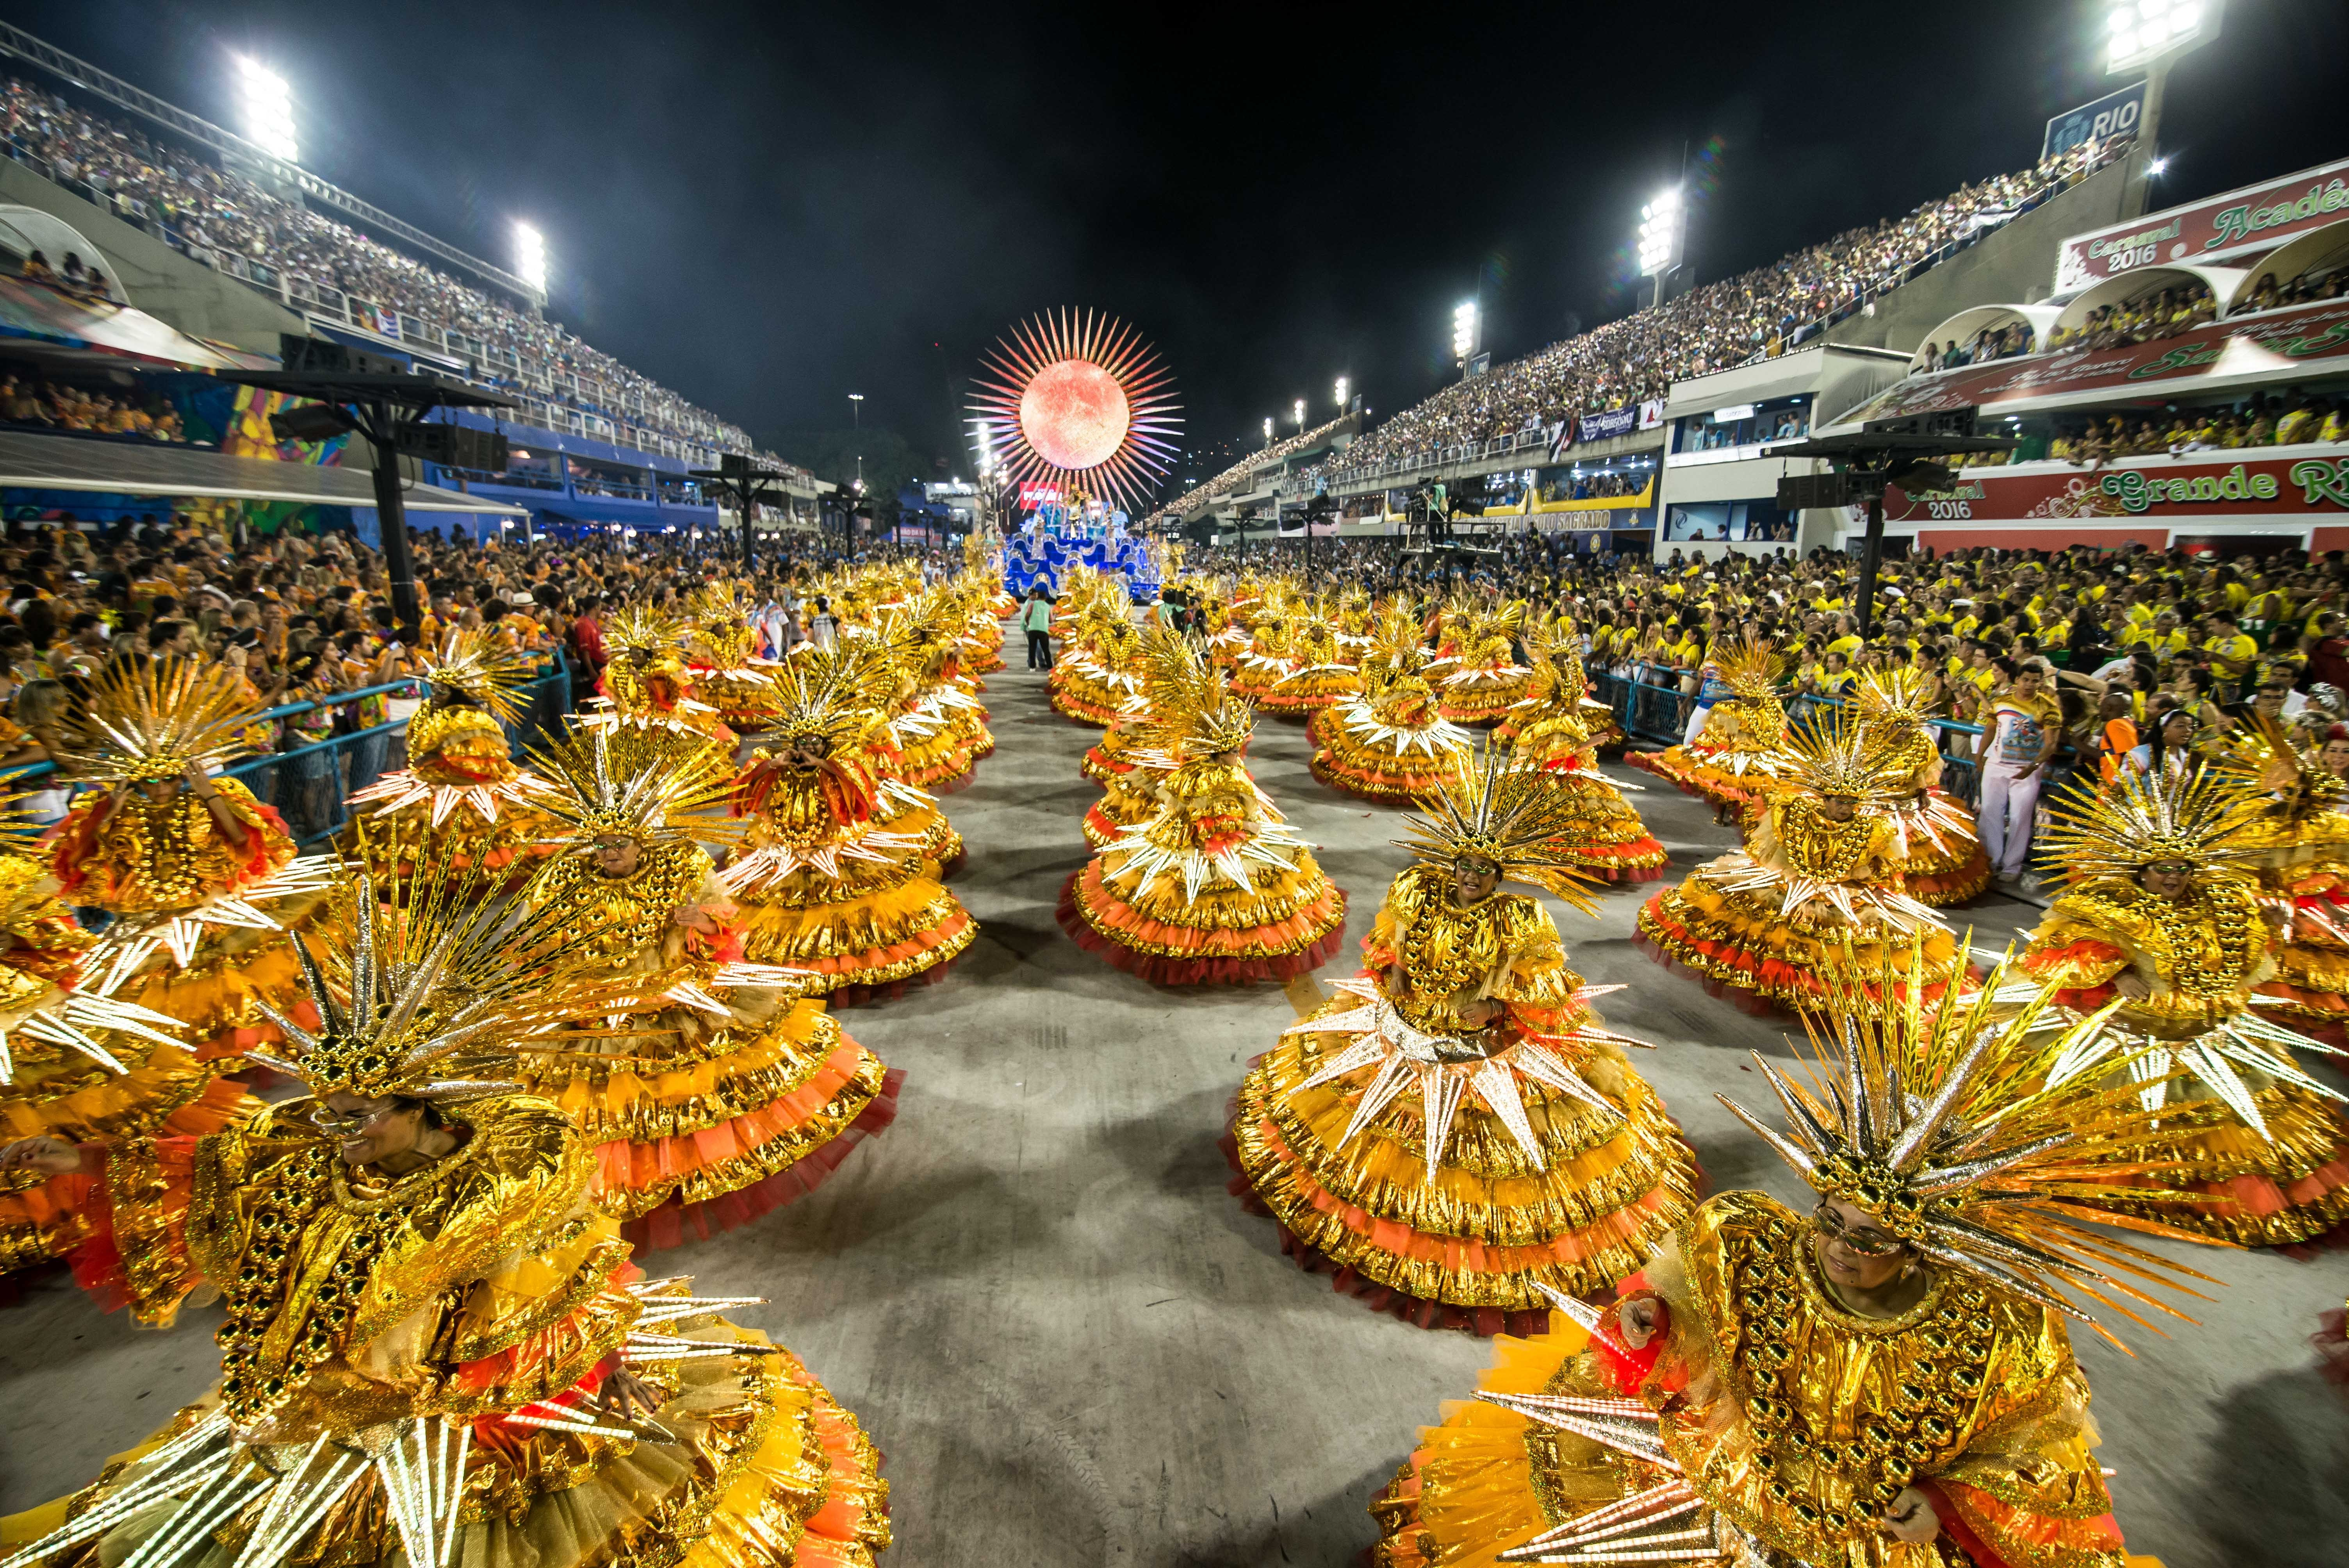 mejores carnavales del mundo